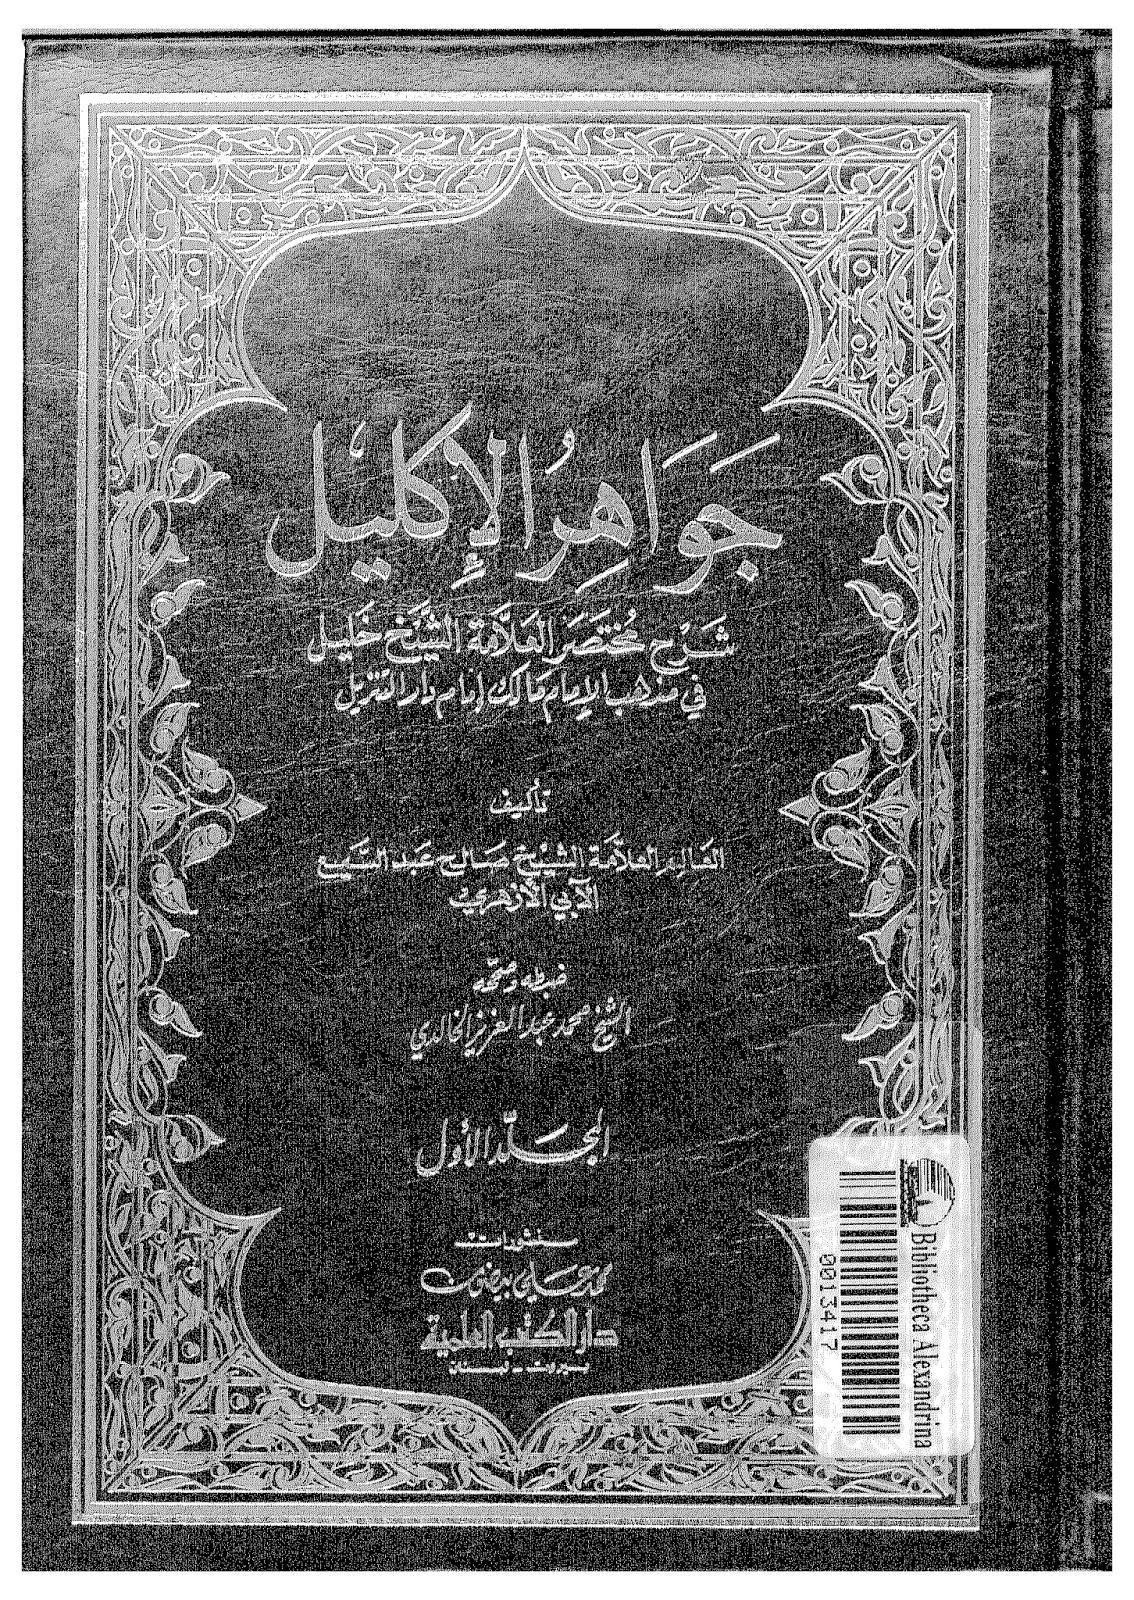 جواهر الإكليل في شرح مختصر خليل لـ الأزهري (ط. دار الكتب العلمية )